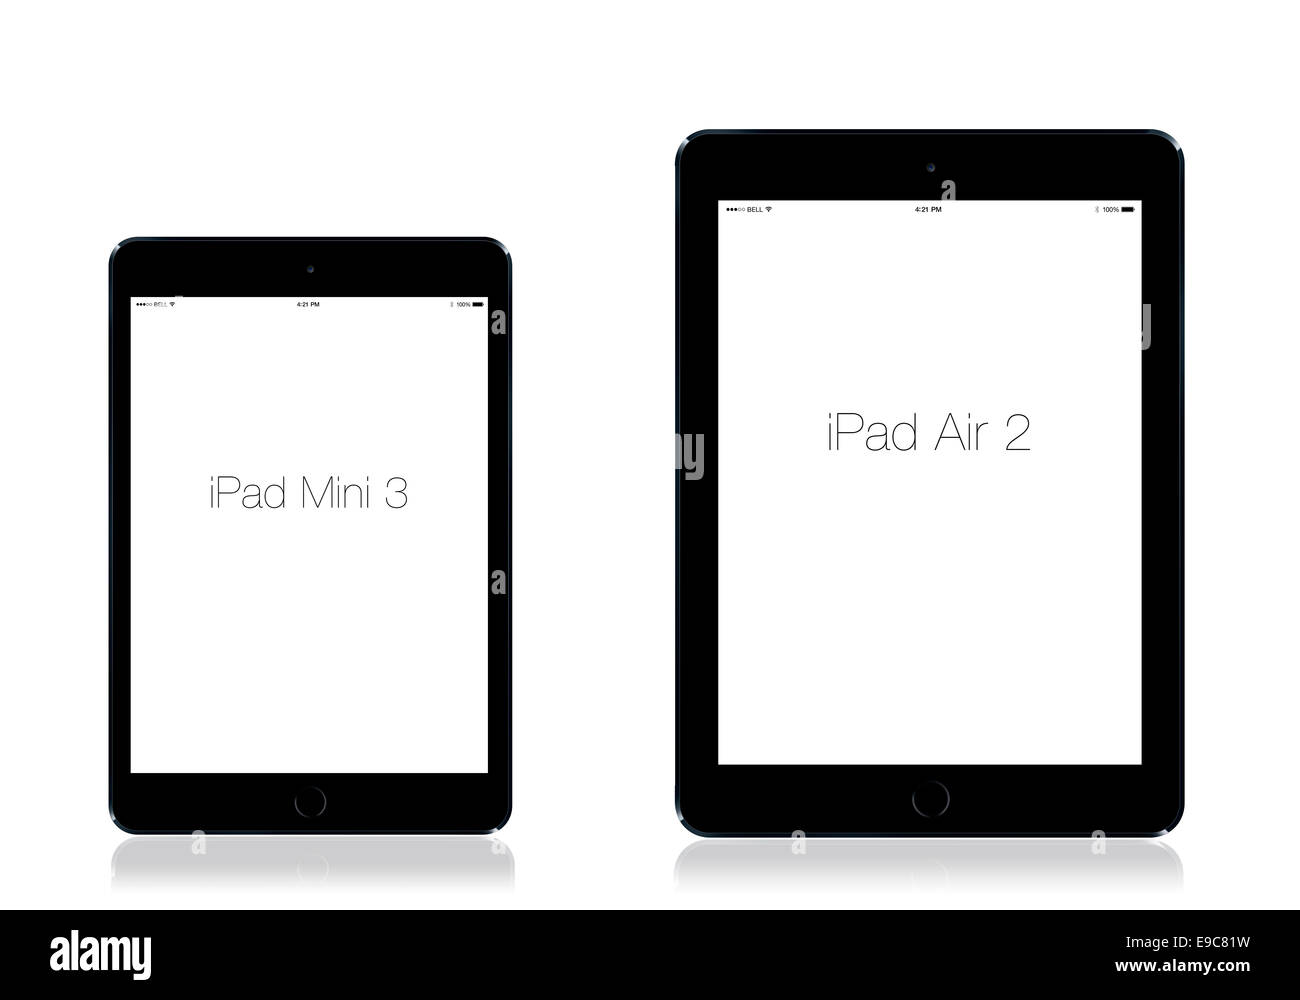 Tablettes iPad mini iPad 3 et 2 de l'air, fond blanc, gris de l'espace, la réflexion. Photo Stock